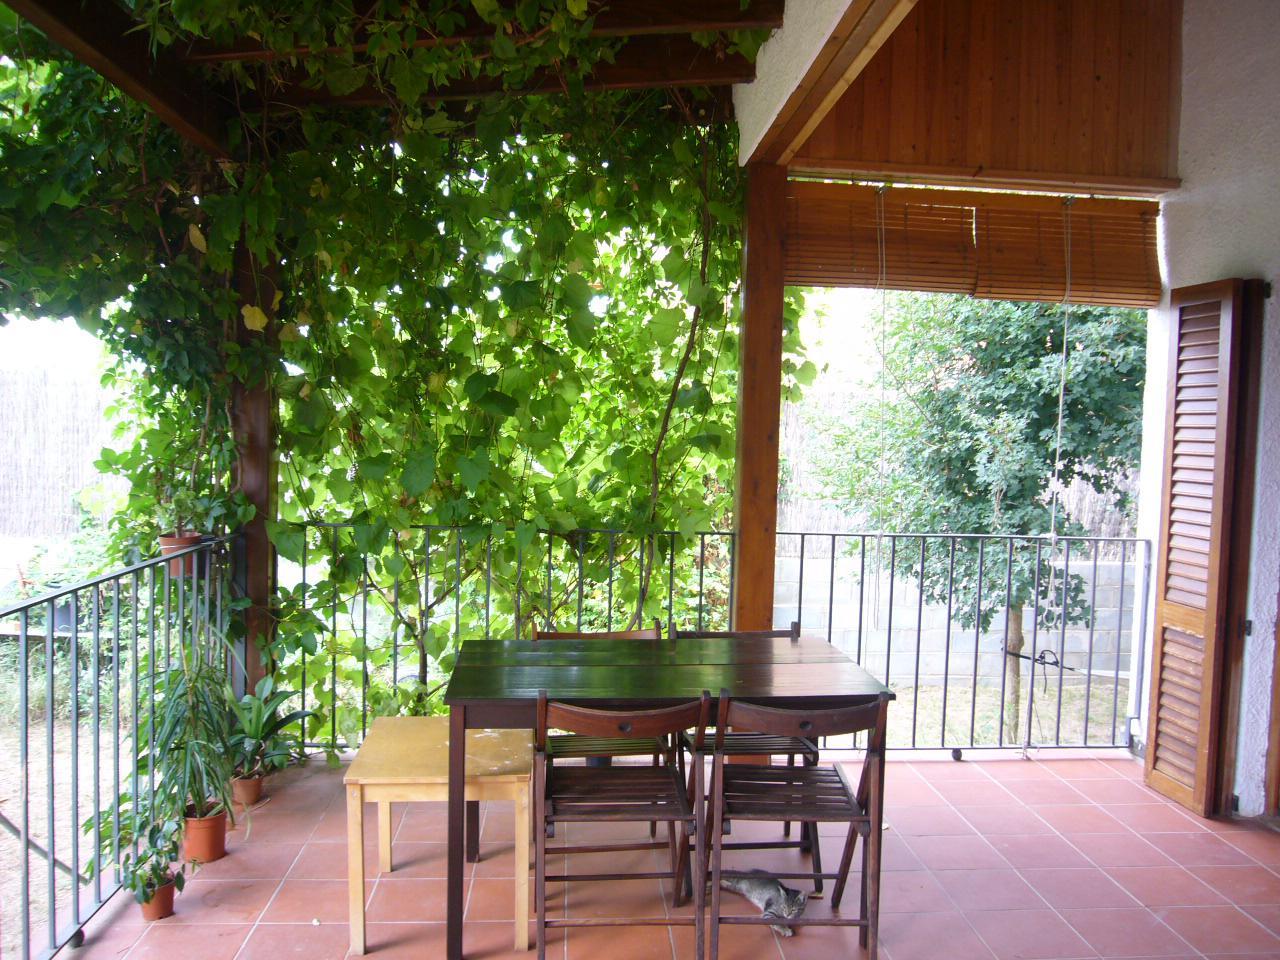 Casa  Calle carrer de vilabella. Casa / chalet  de planta baja de 187 m2 de los cuales 180 m2 son